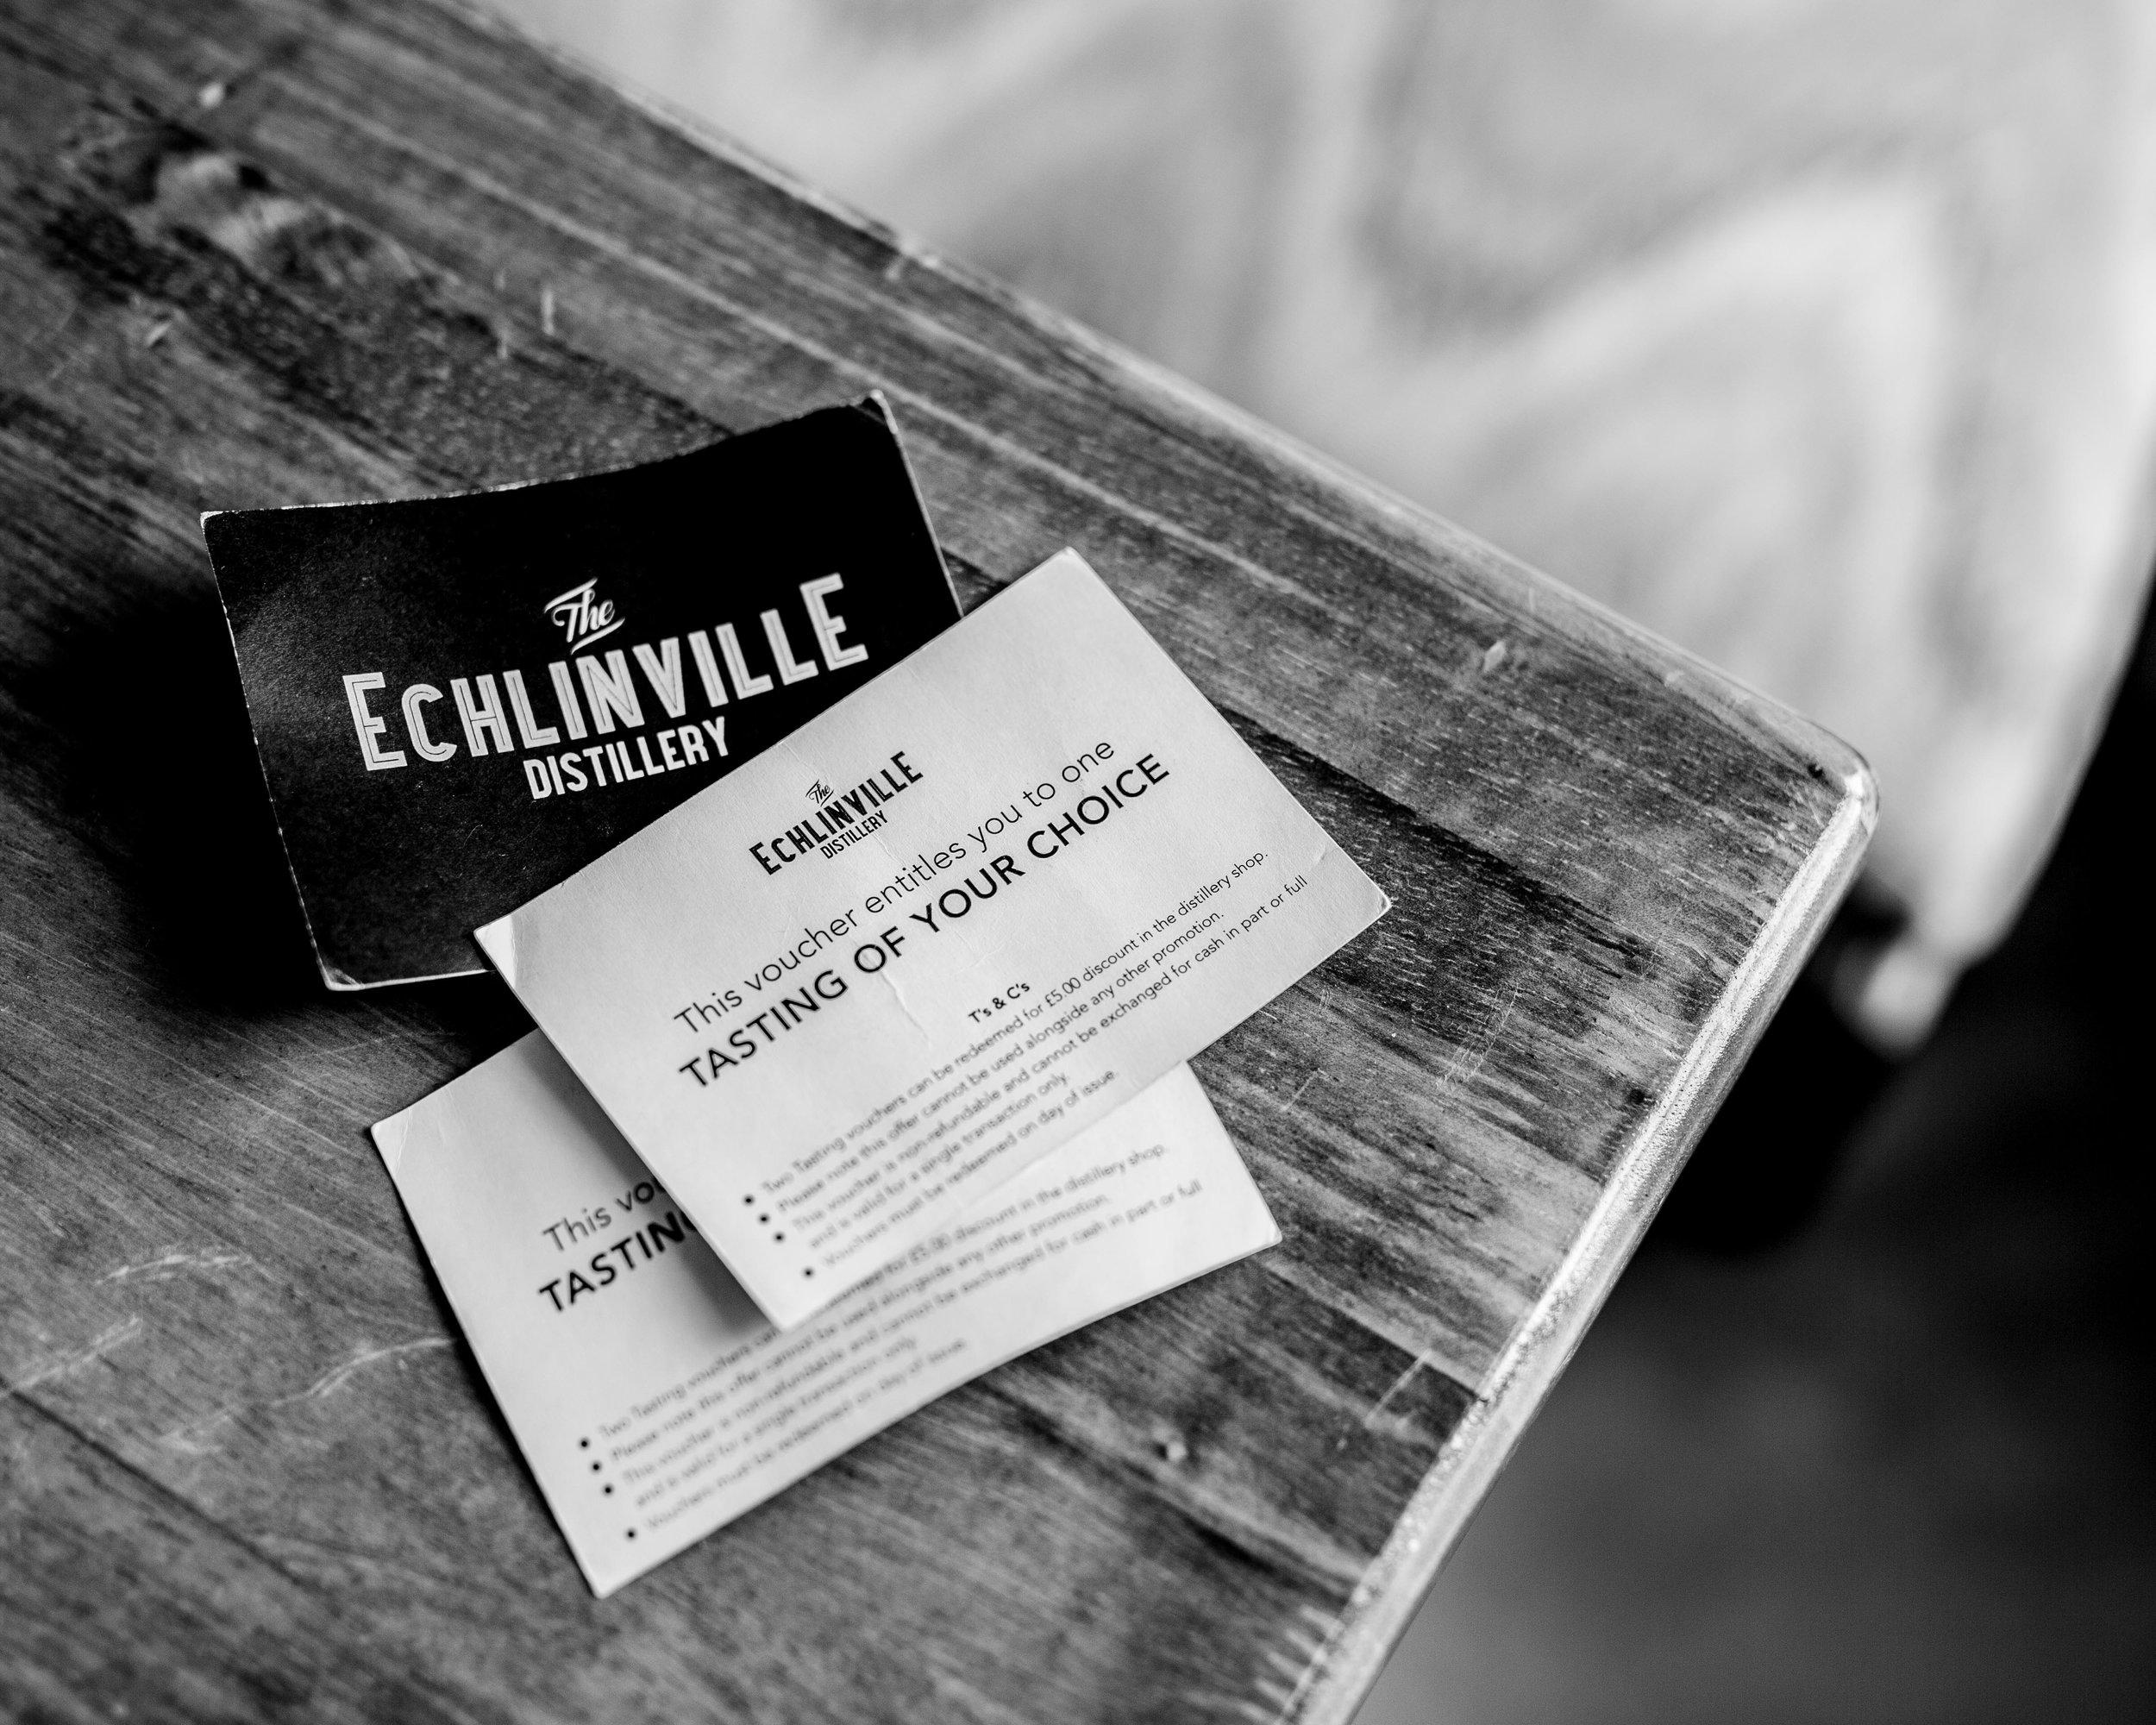 Echlinville Distillery-019-2.jpg